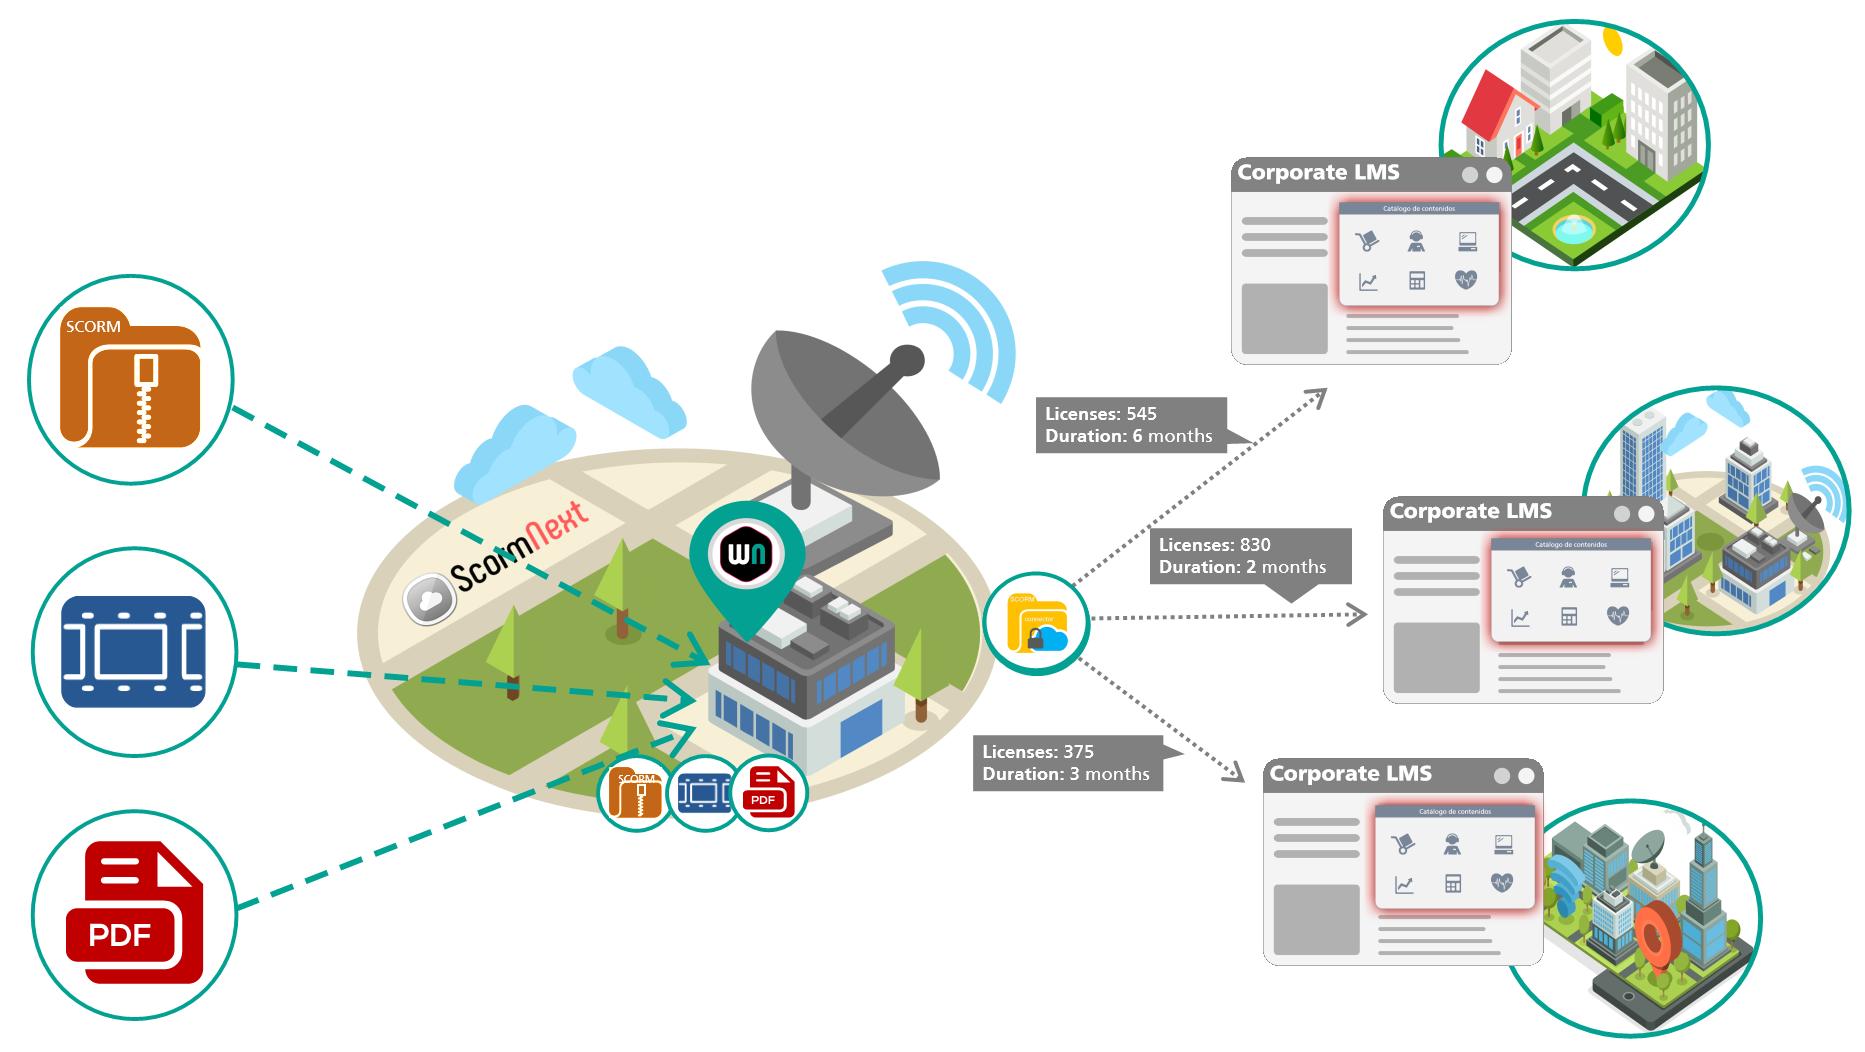 SCORM cloud content distribution scheme